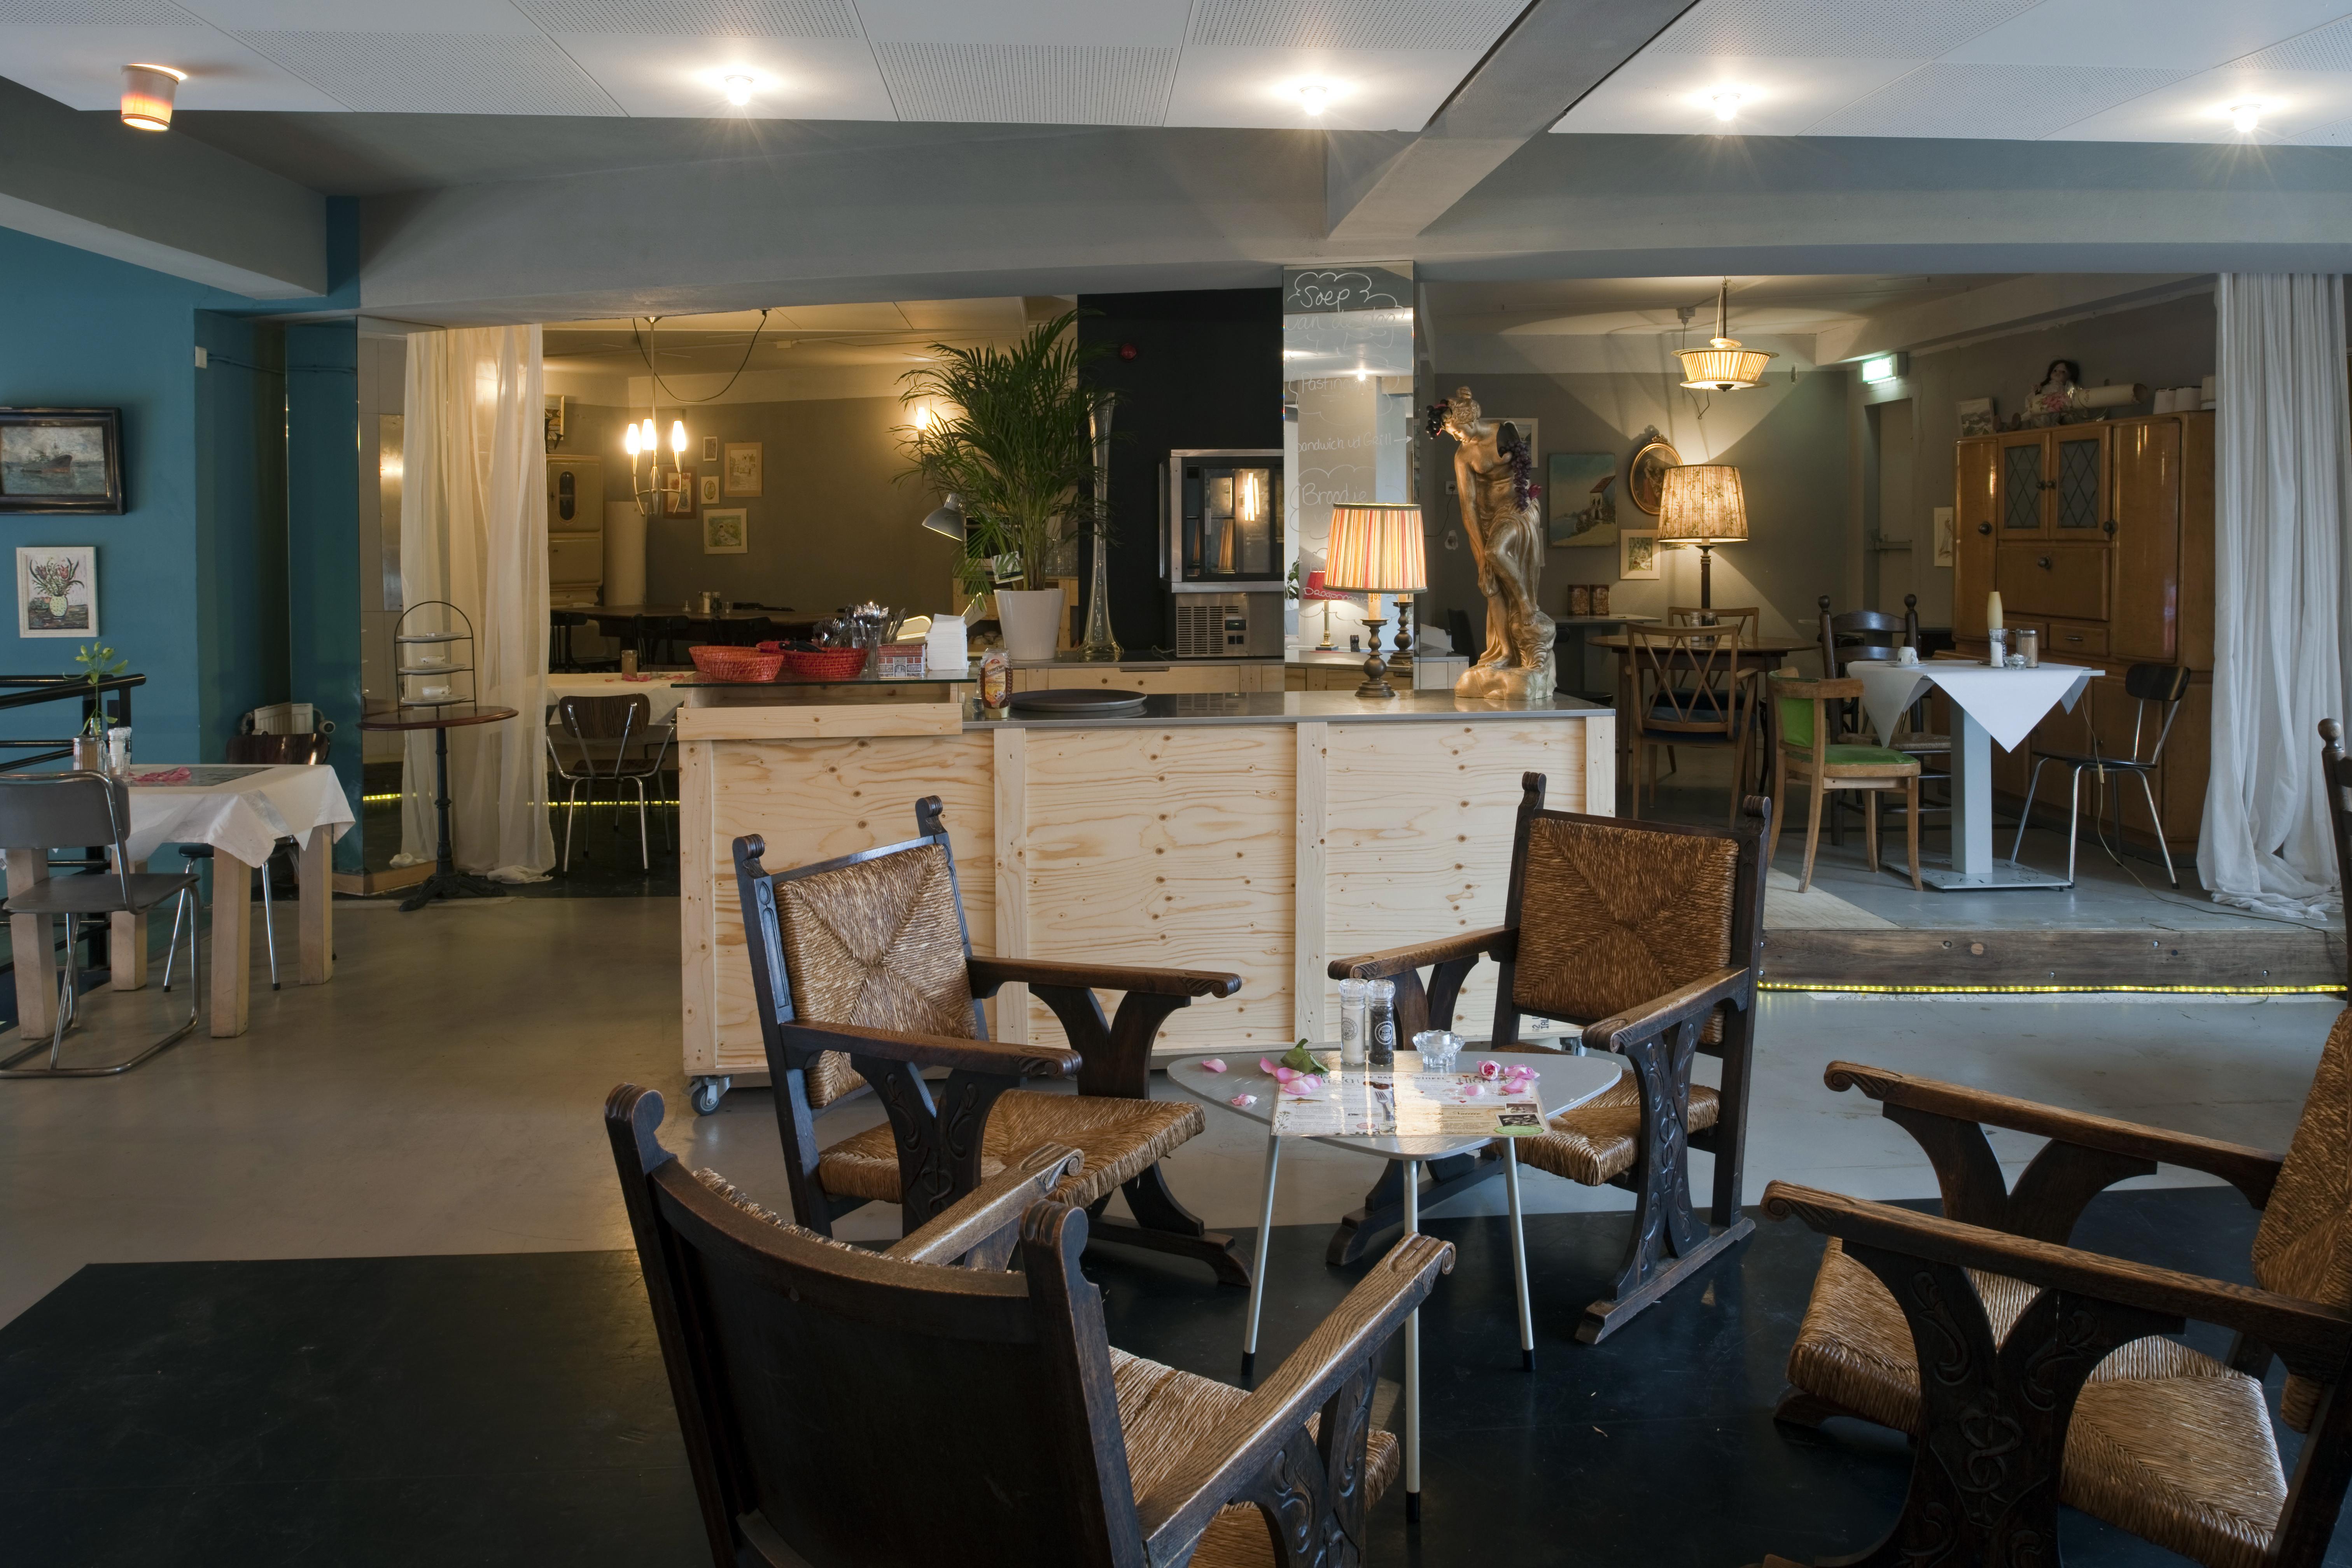 Bakkerswinkel Den Haag